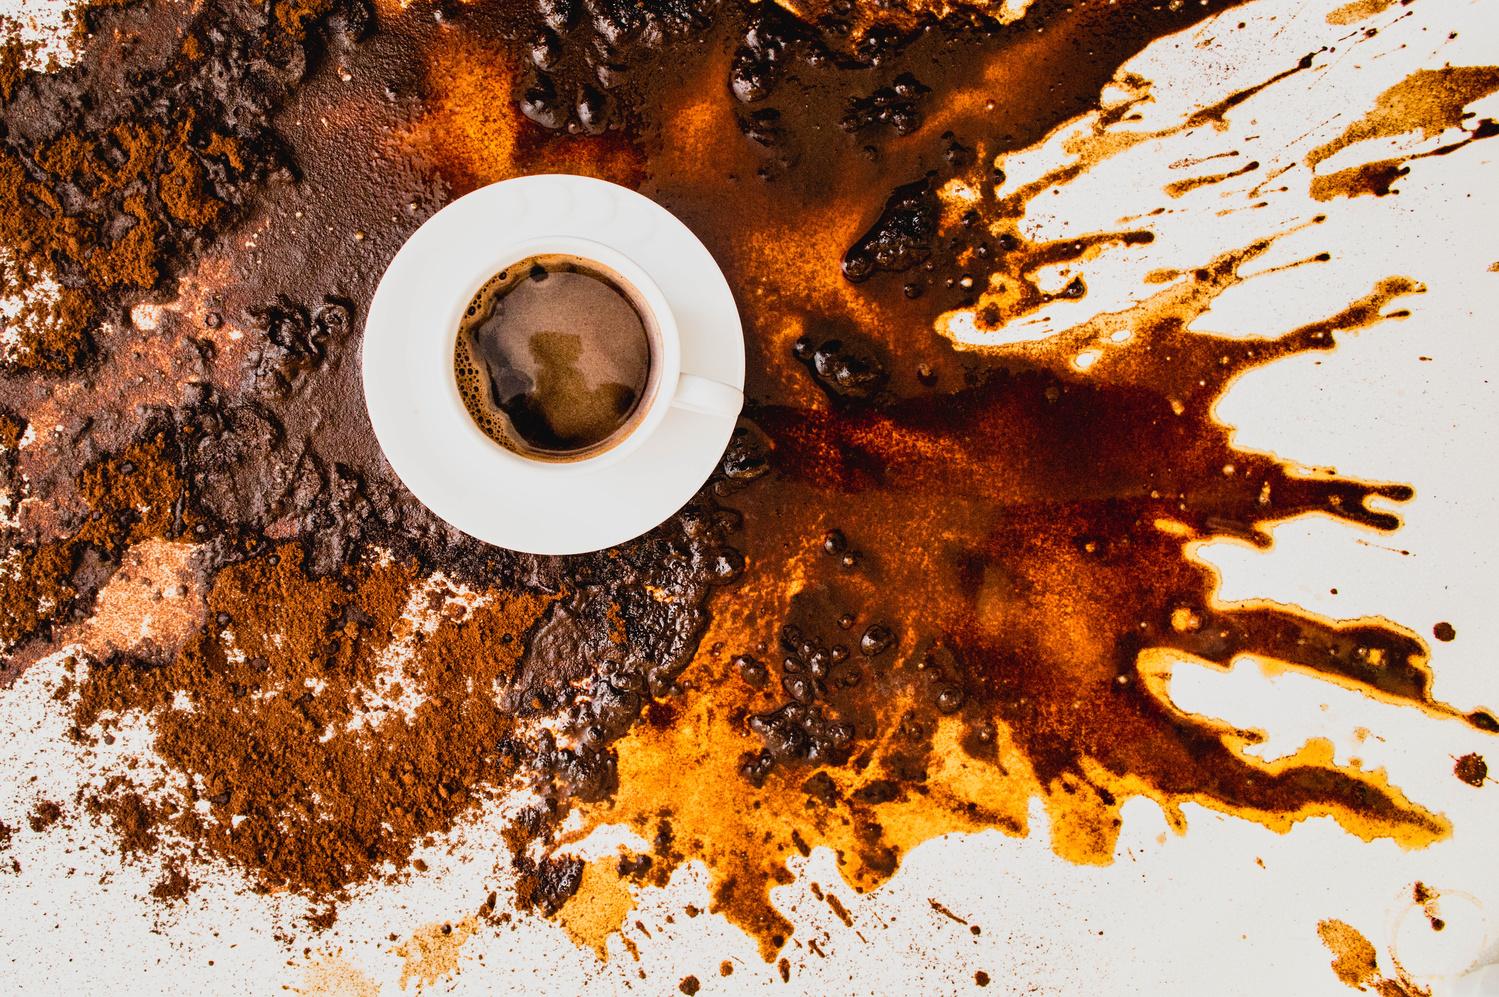 Tihožitje s skodelico kave I. by Marko Pleterski